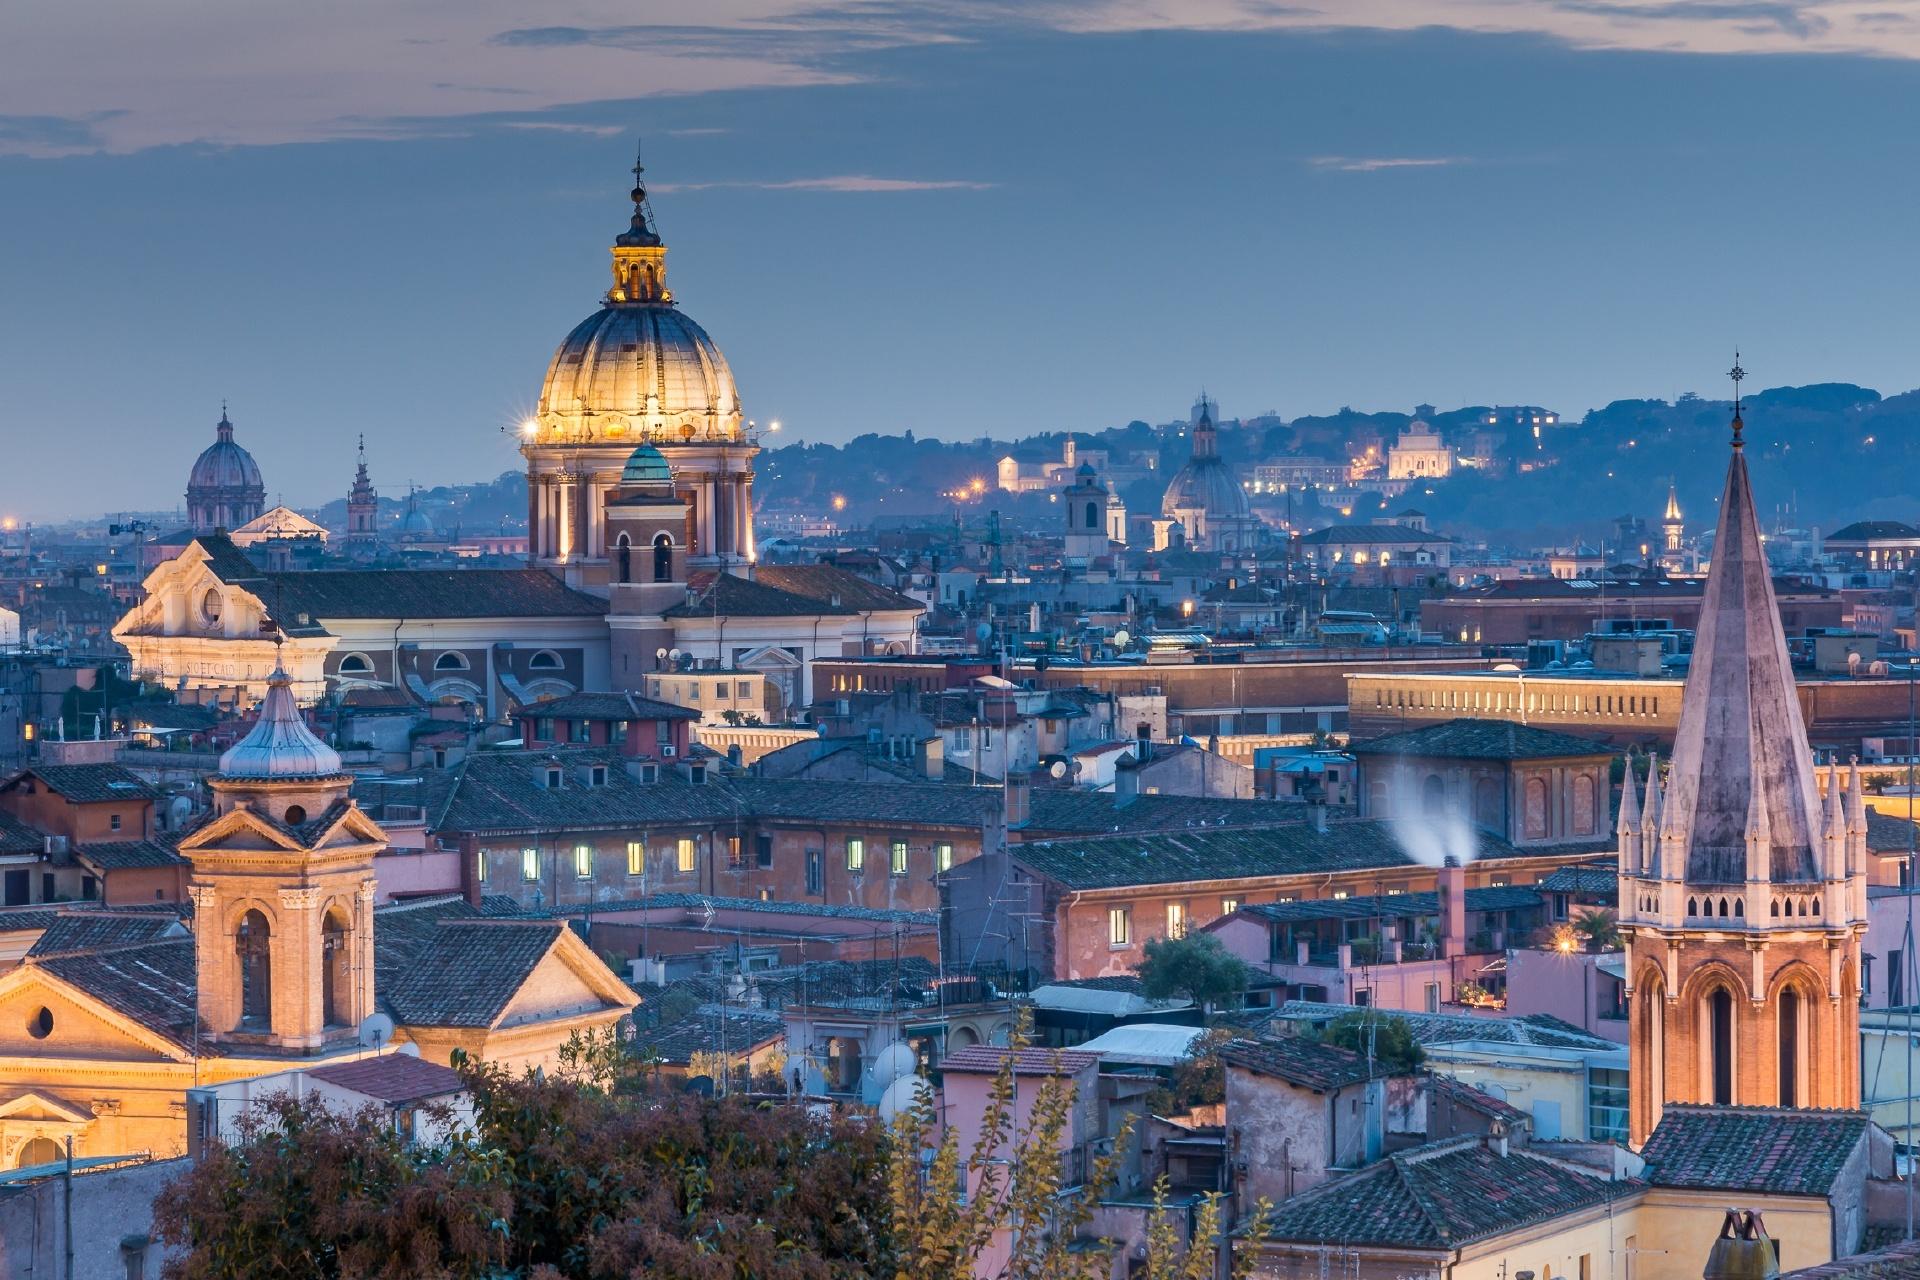 夜のローマの街並み イタリアの風景